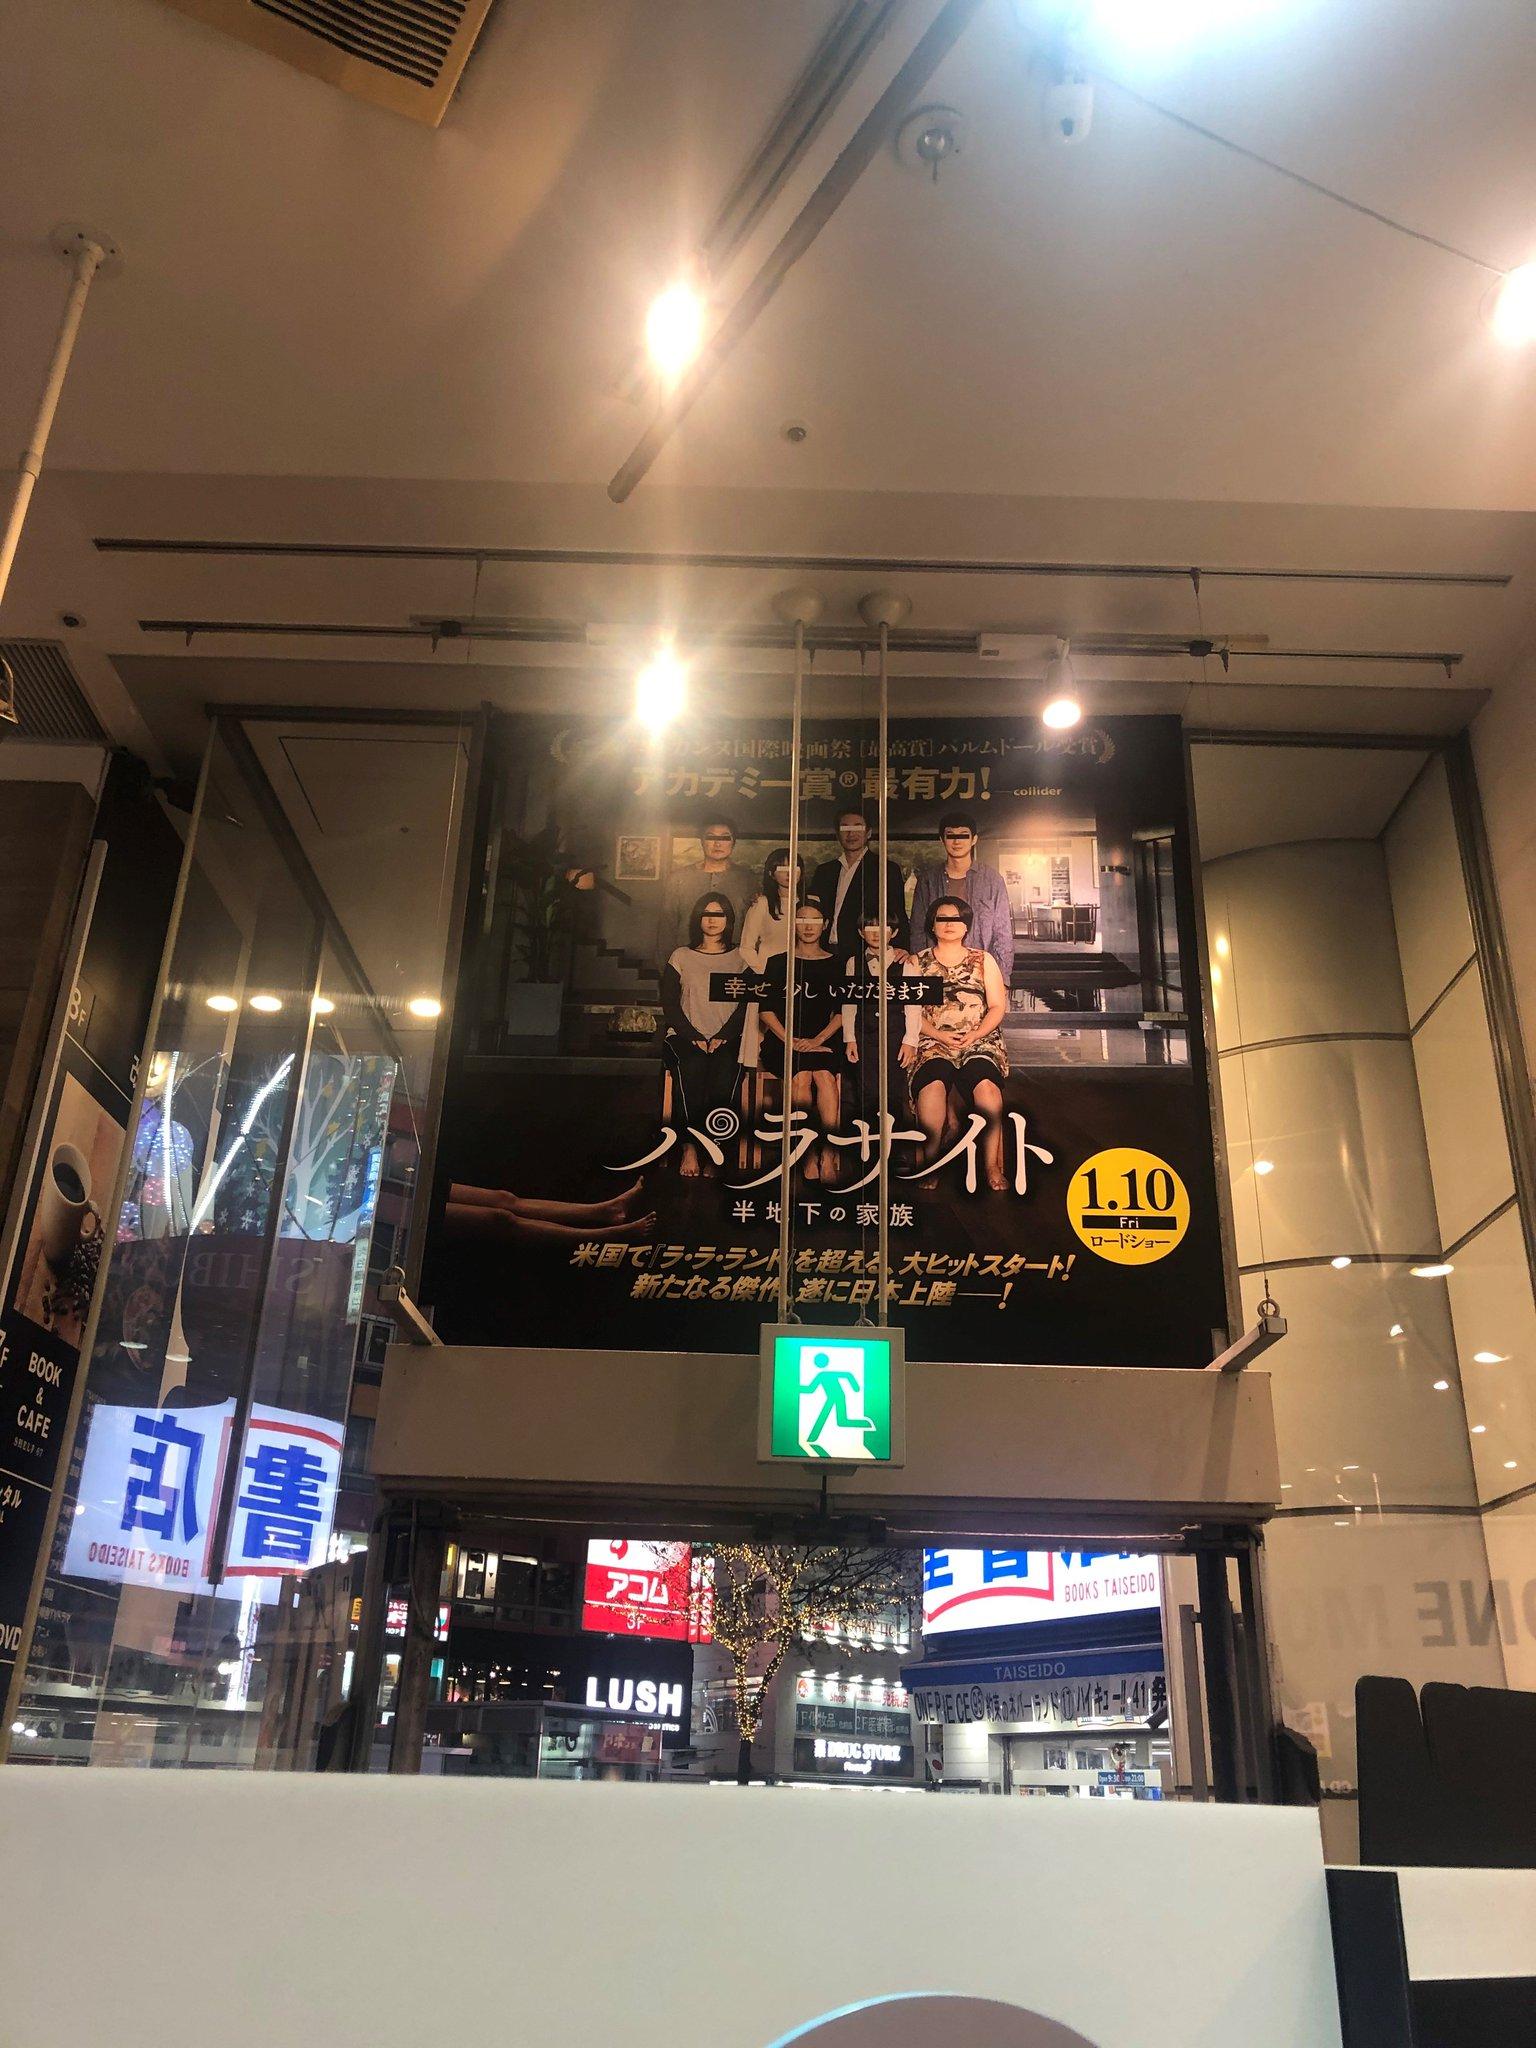 映画 渋谷 パラサイト 渋谷の映画館 上映スケジュール・上映時間